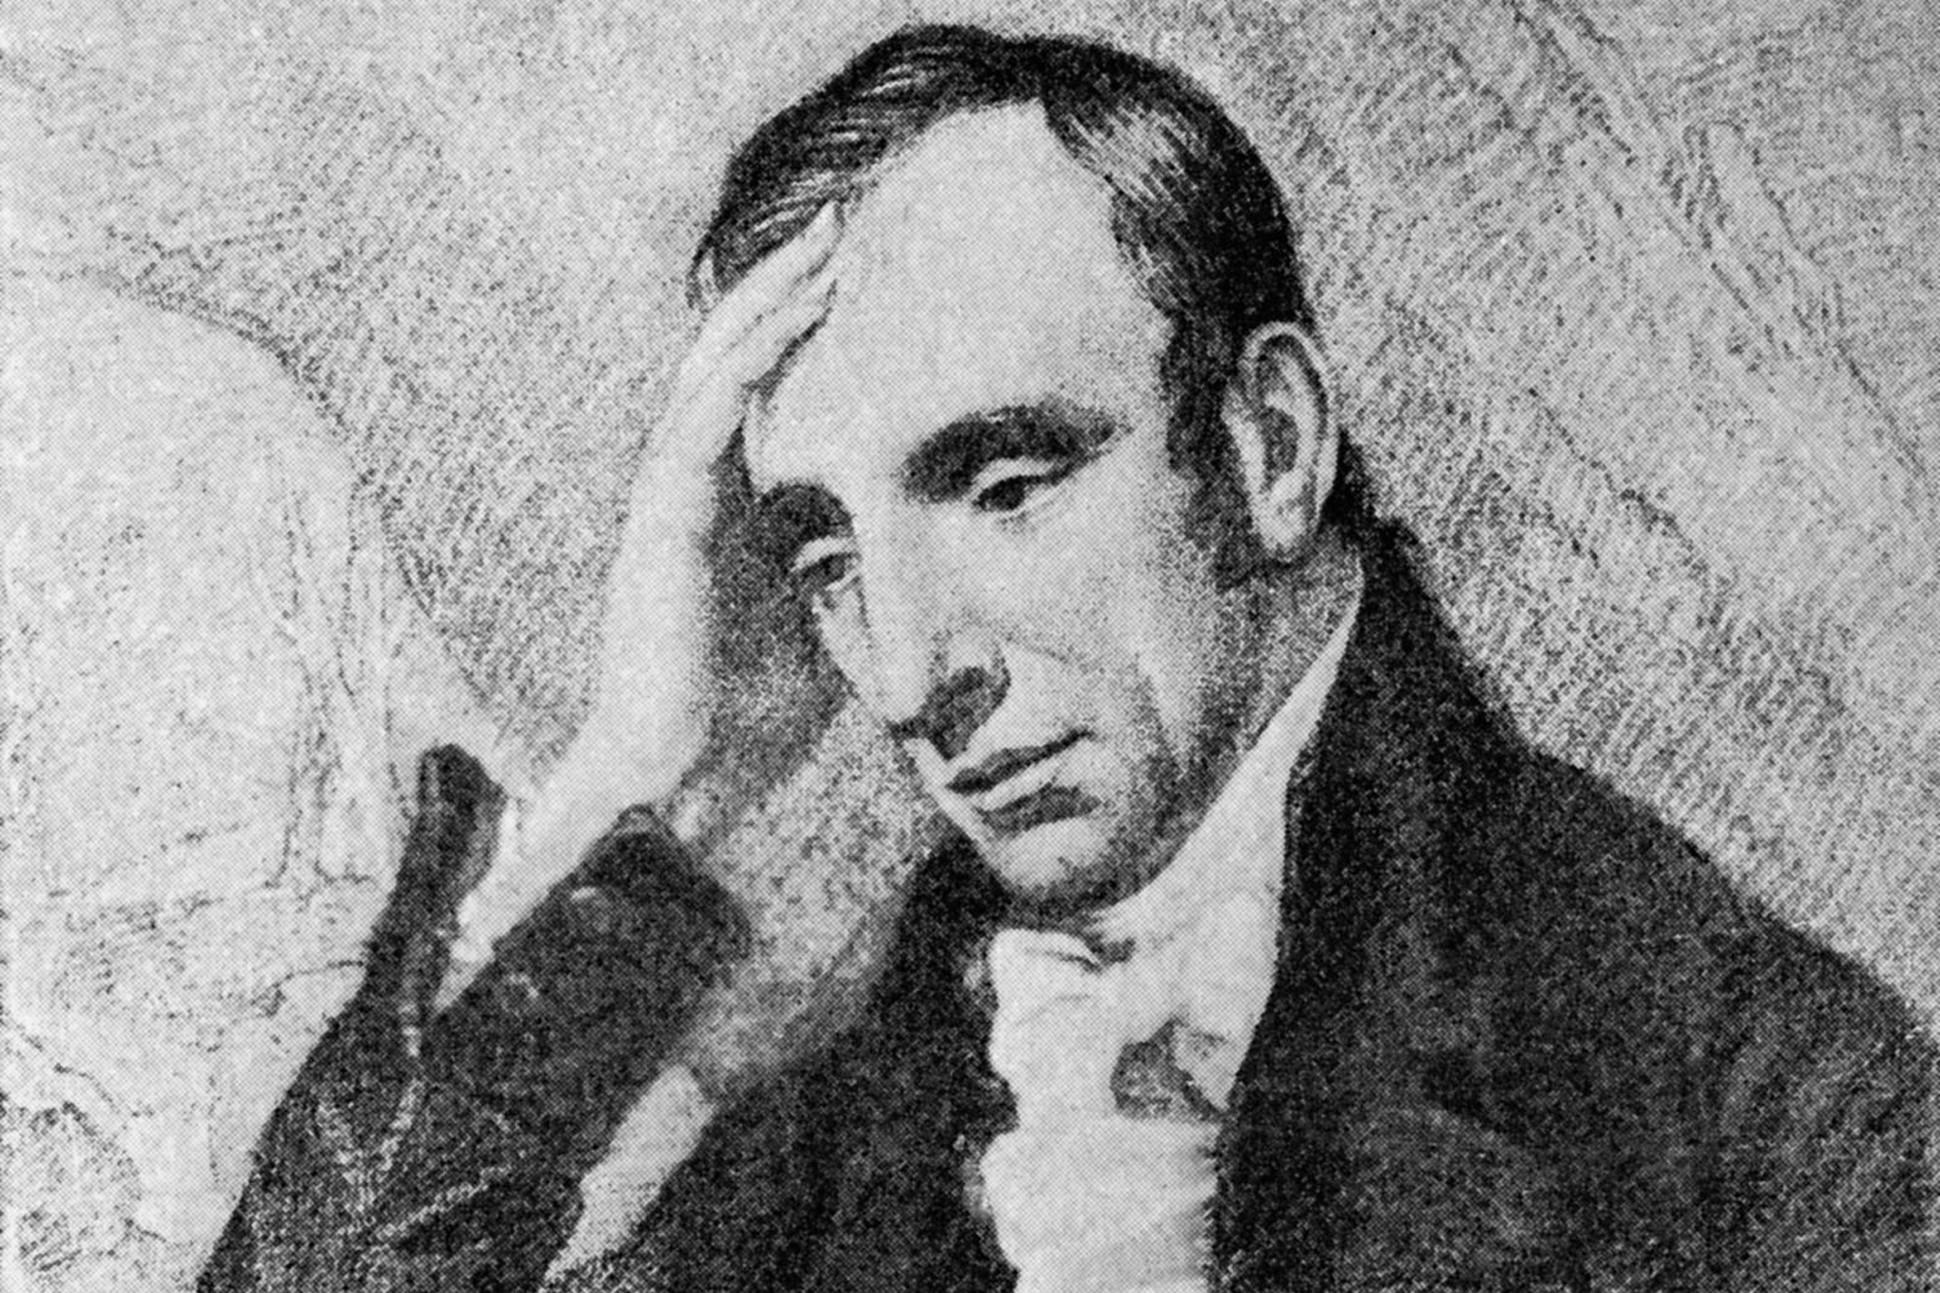 Etching of William Wordsworth.